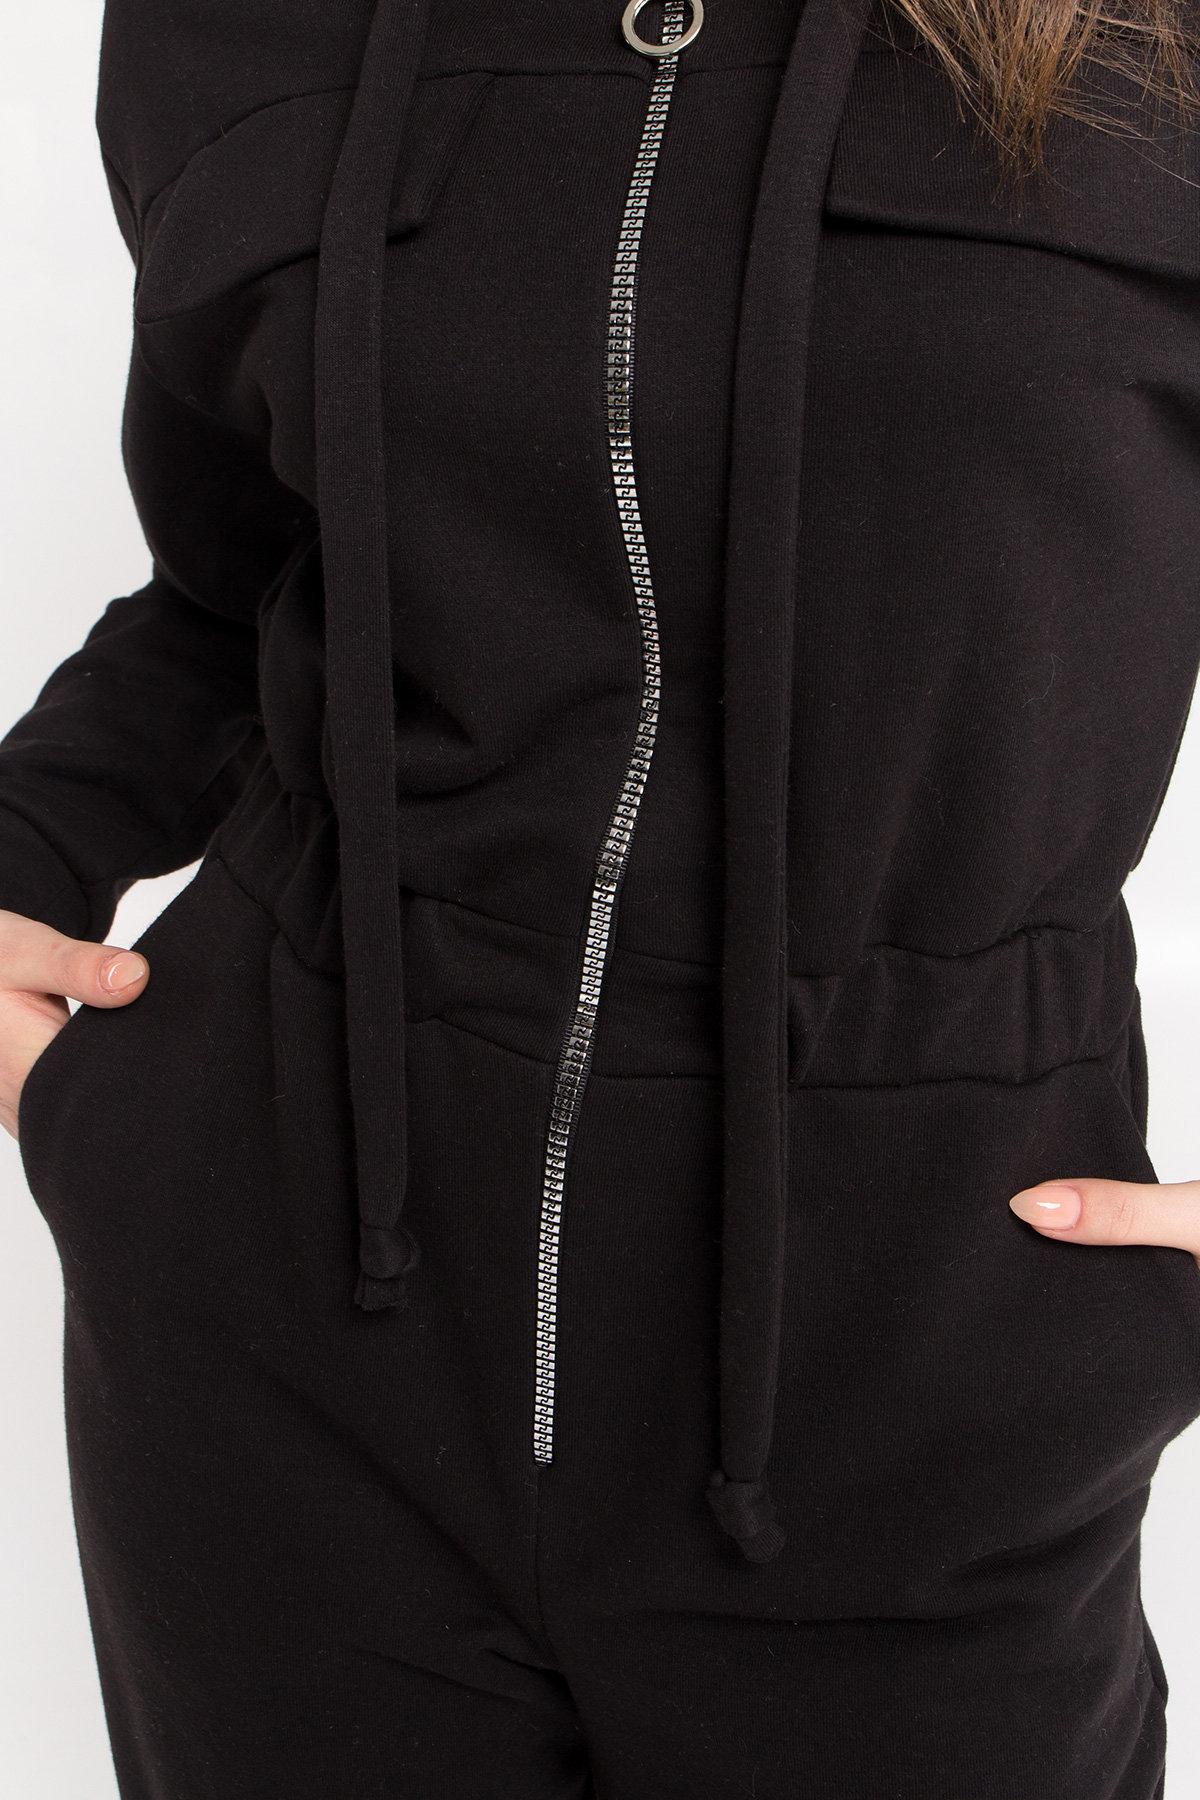 Стильный брючный комбинезон Толедо  8951 АРТ. 45262 Цвет: Черный - фото 6, интернет магазин tm-modus.ru